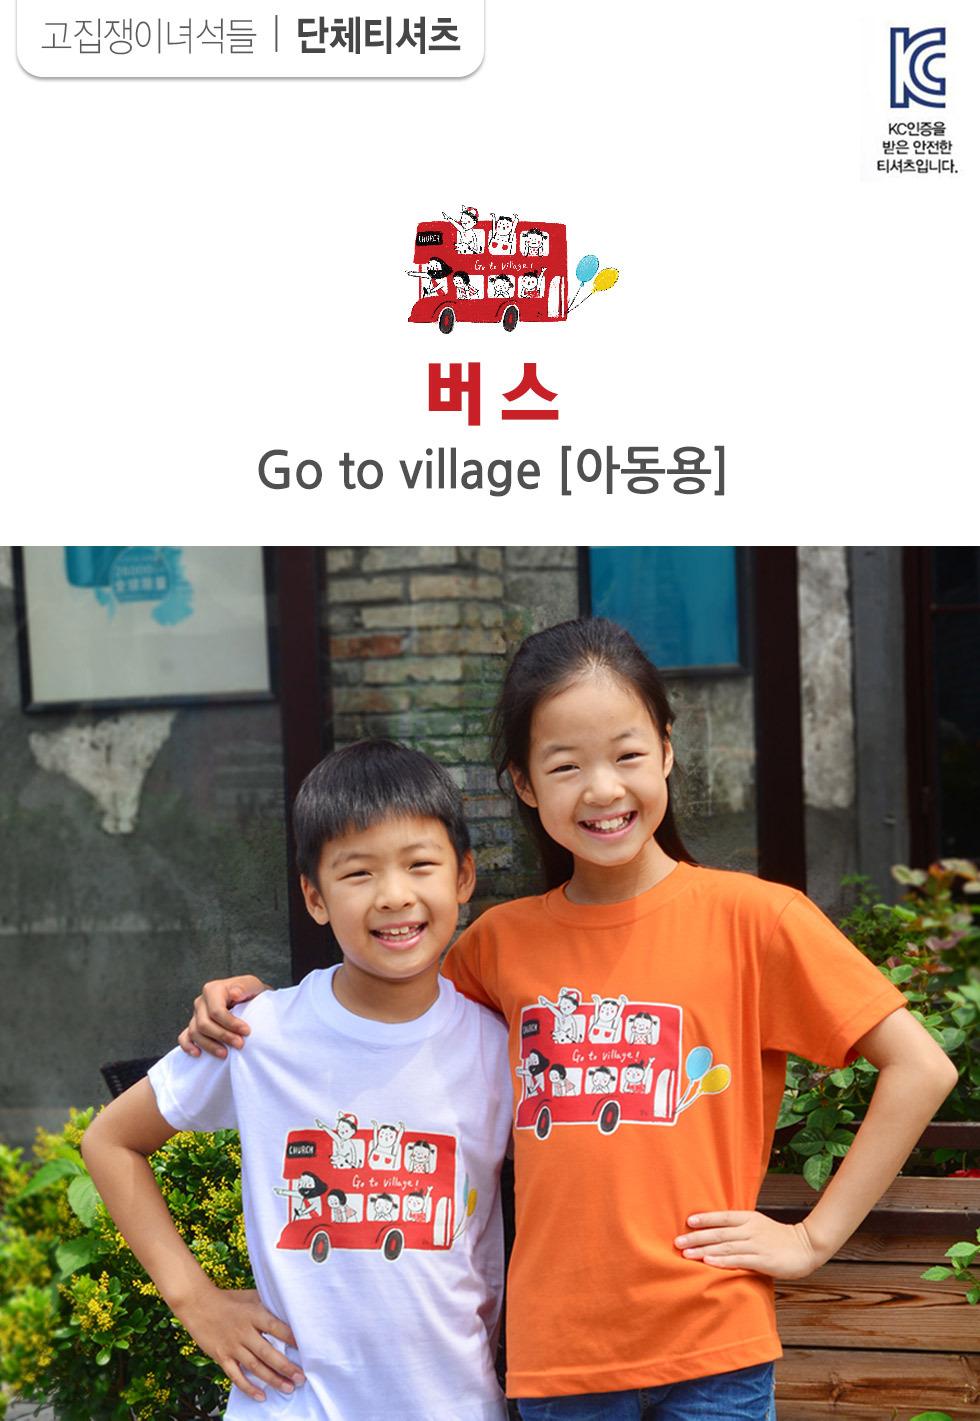 교회단체티 Go to village 버스 아동용 intro